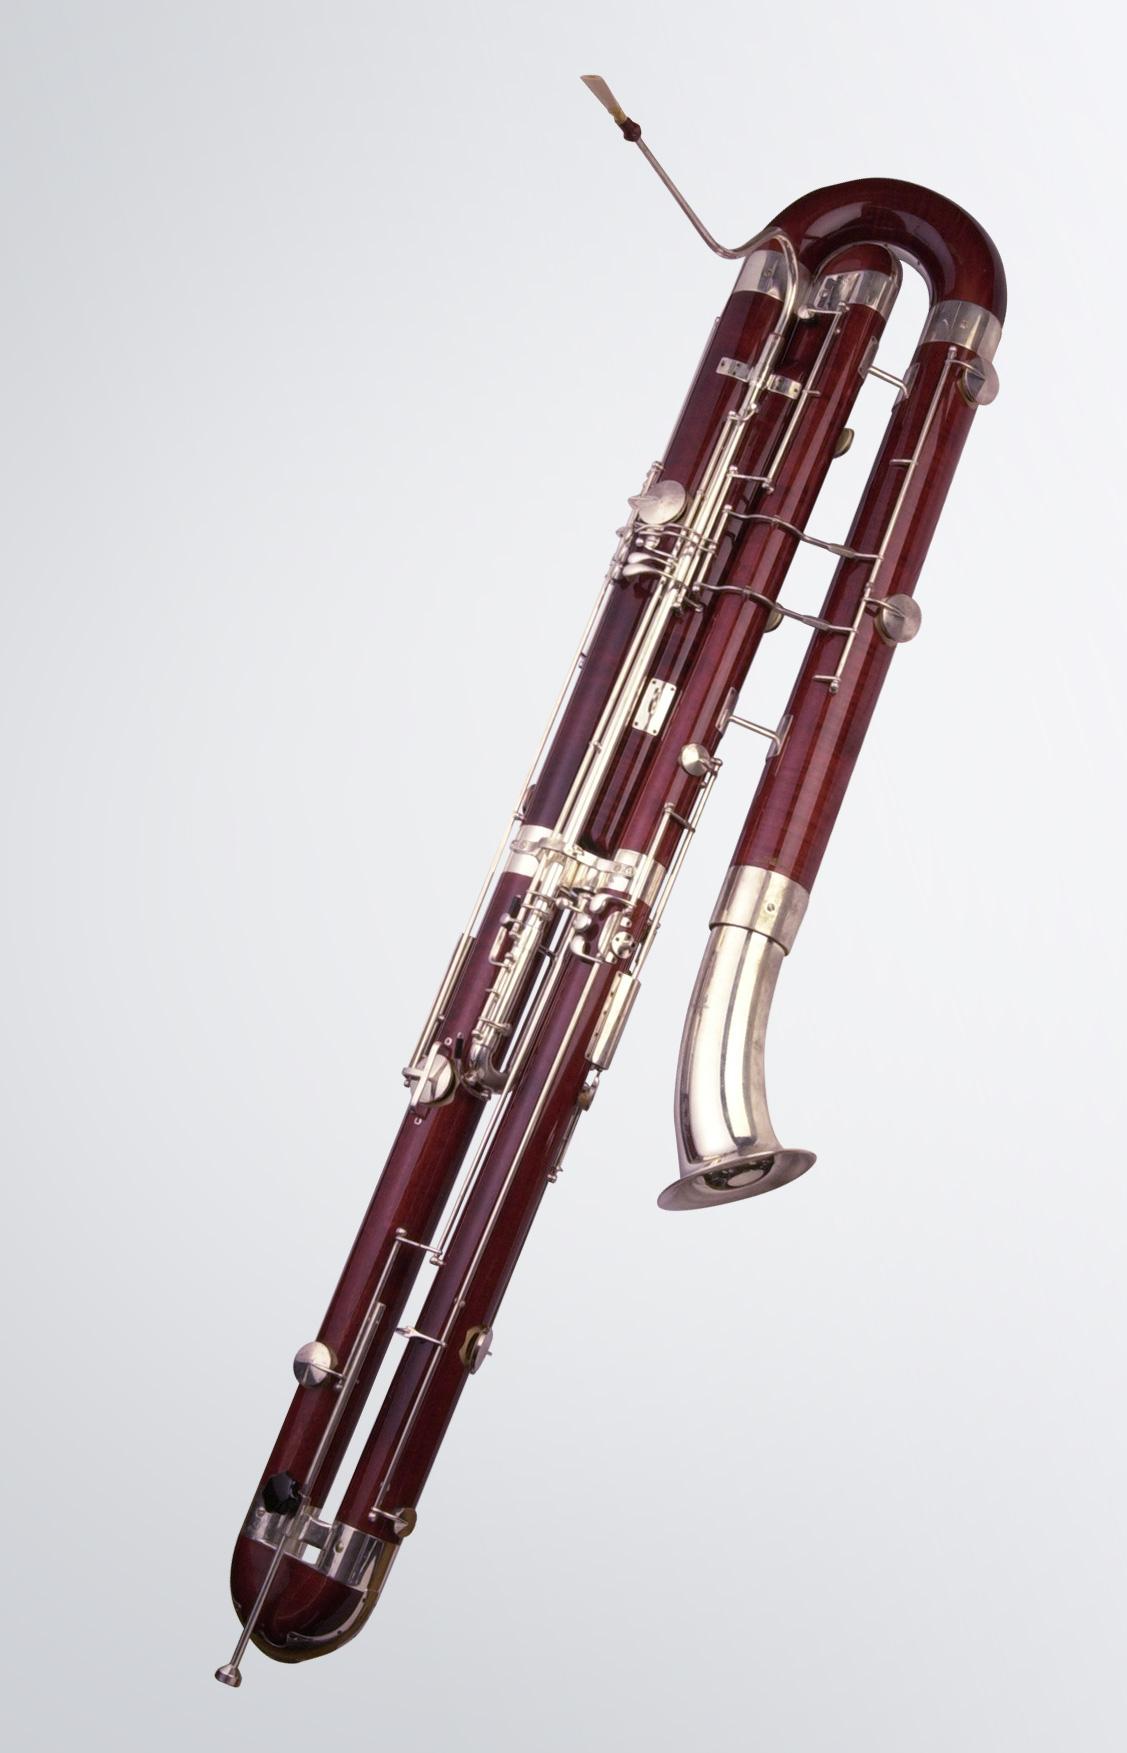 ファゴットの成り立ち:ファゴットの仲間 - 楽器解体全書 - ヤマハ株式会社